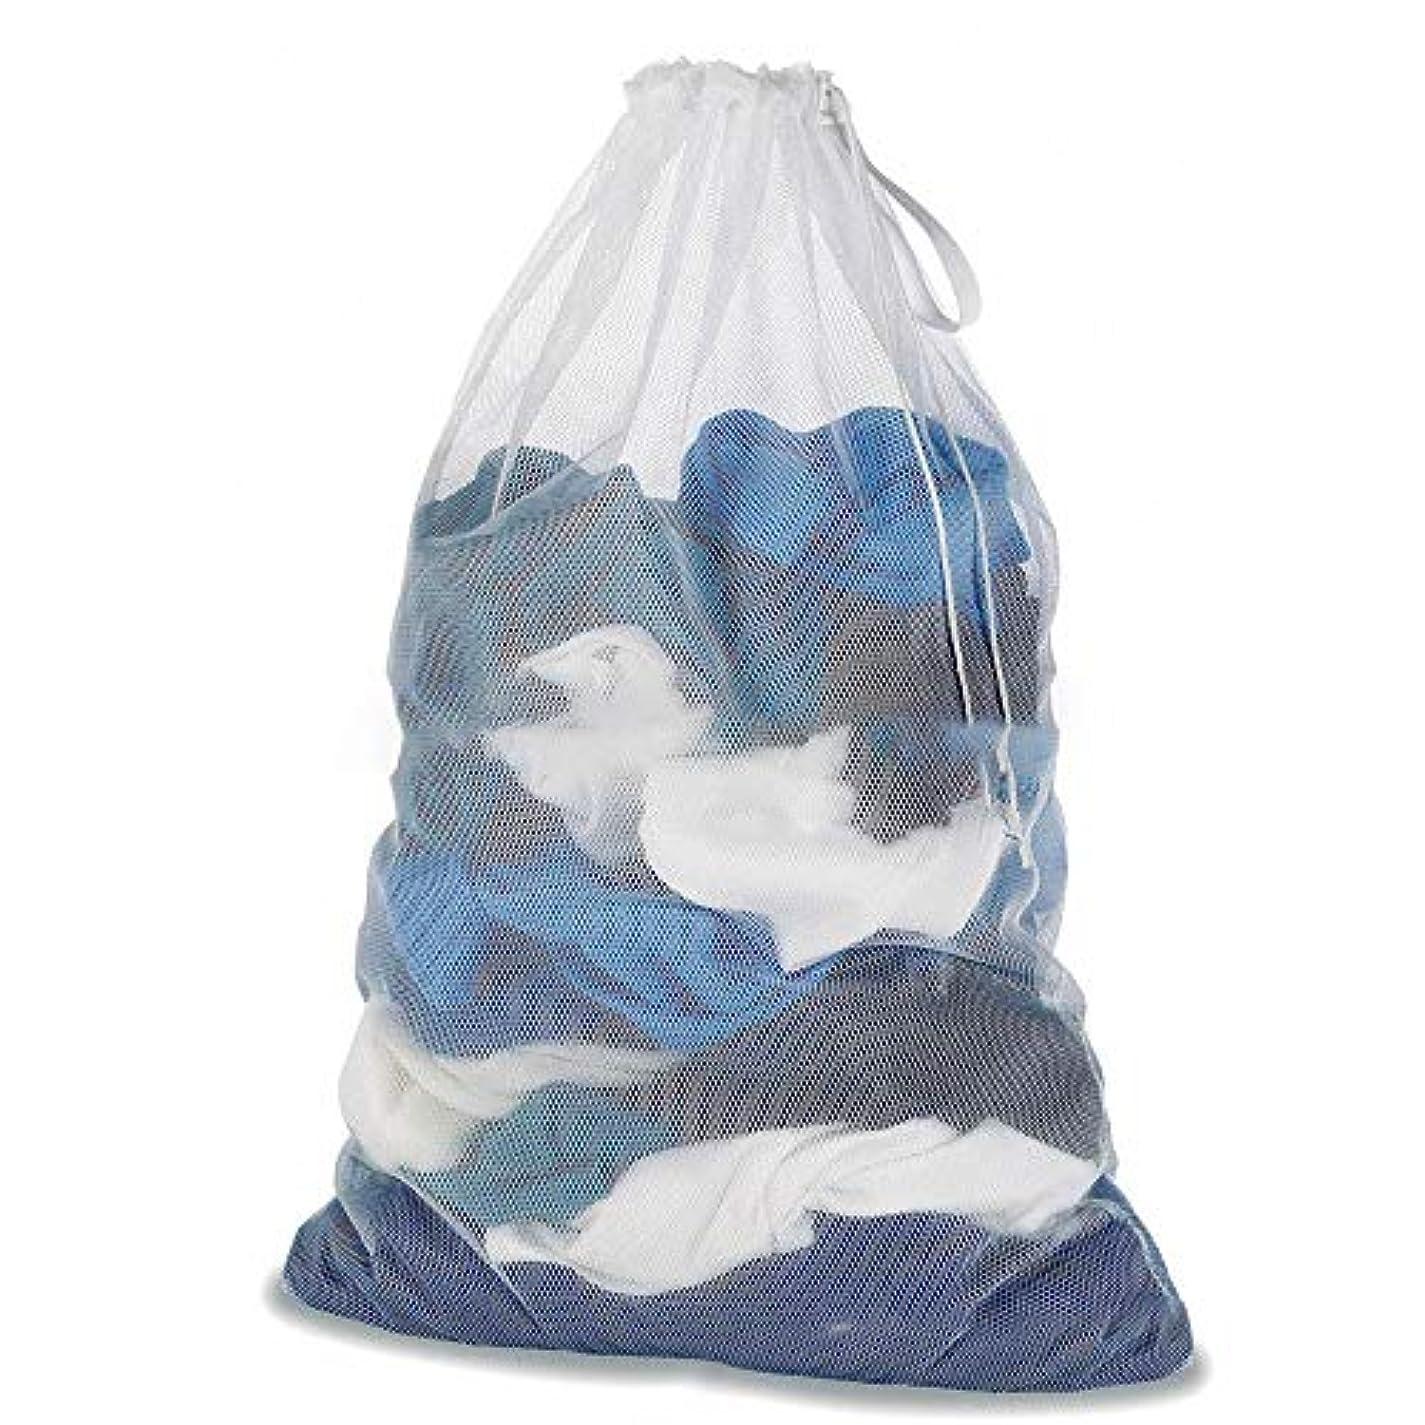 苦しみ法律により企業赤ん坊の衣服、ドローストリングが付いているジャケットのカーテンのための大きい網の洗濯袋の洗濯袋 (マルチカラー)